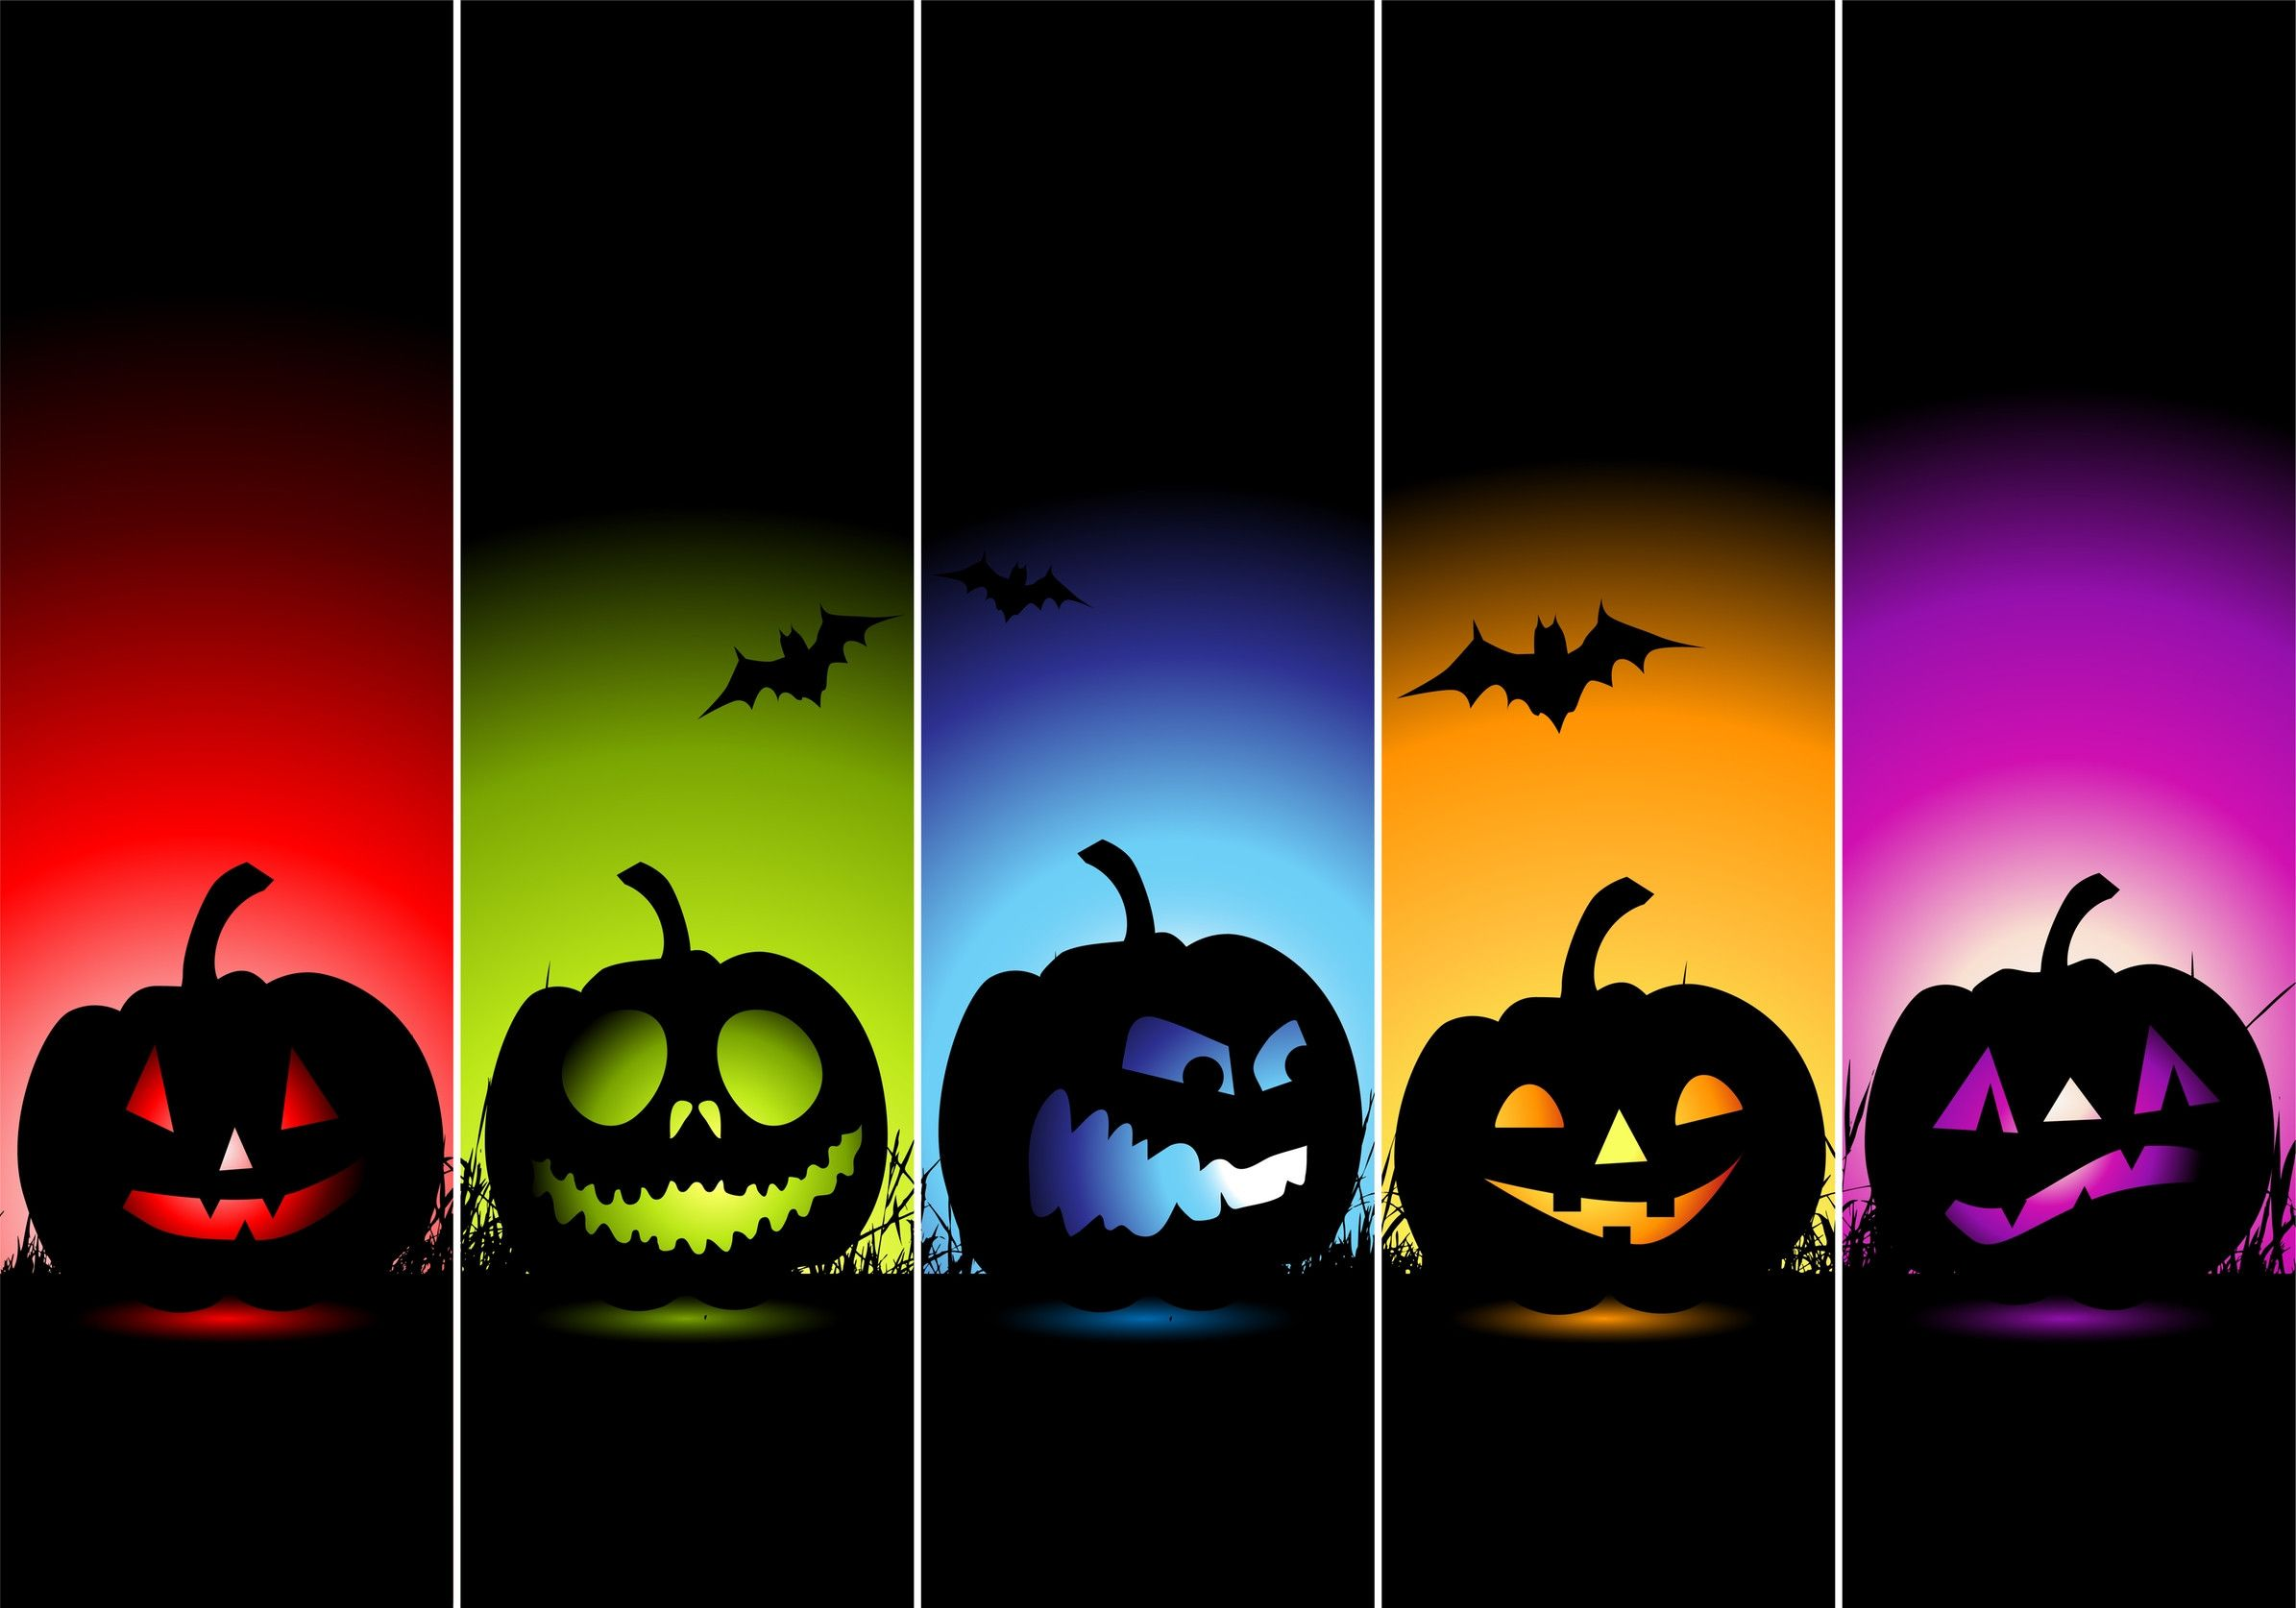 Best Halloween Wallpapers - Wallpaper Cave